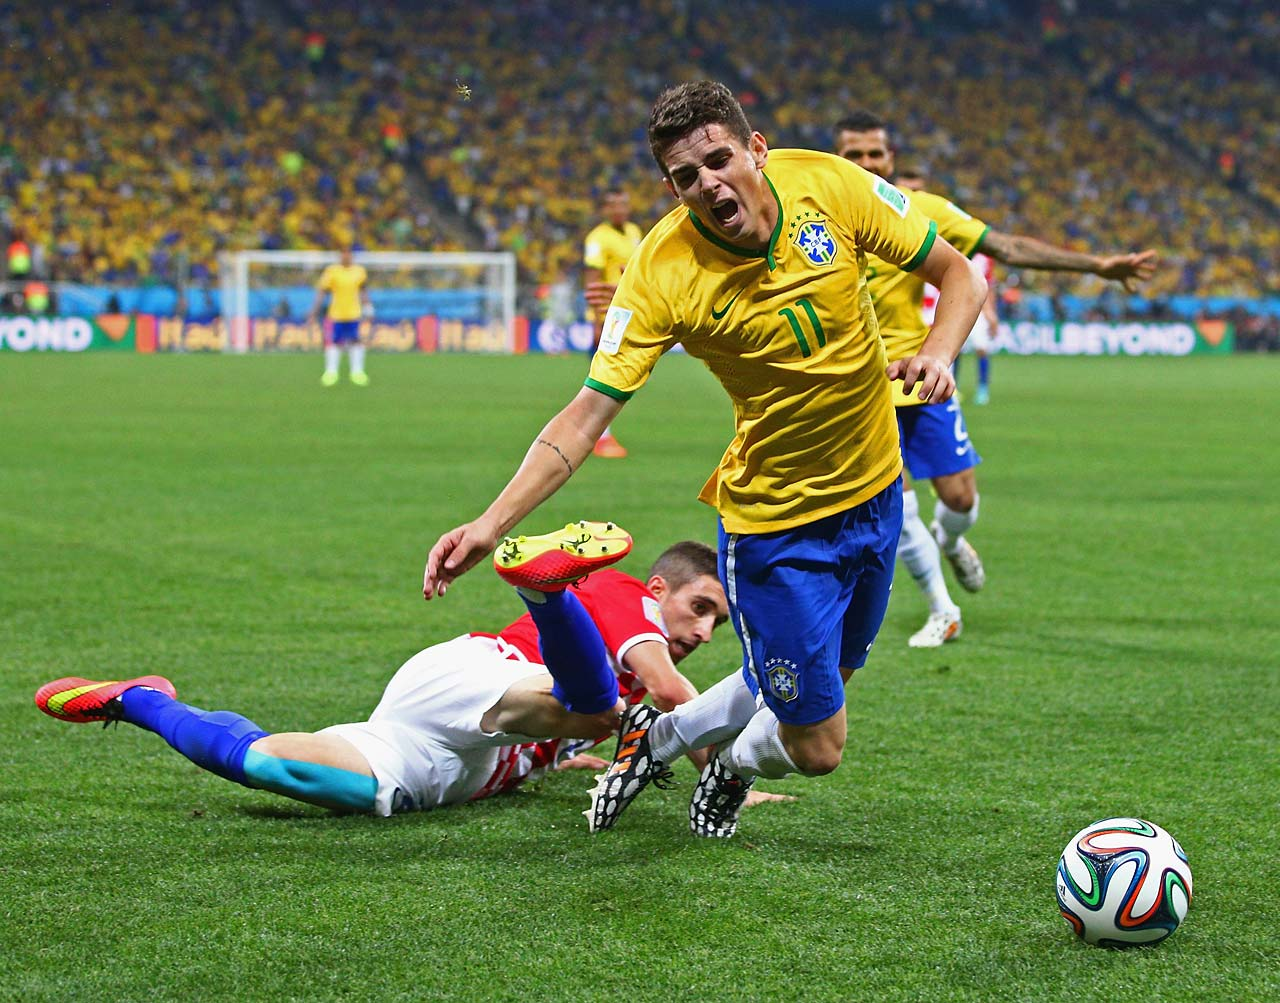 Oscar Brazil 2014 World Cup Referee tilts heavily ...